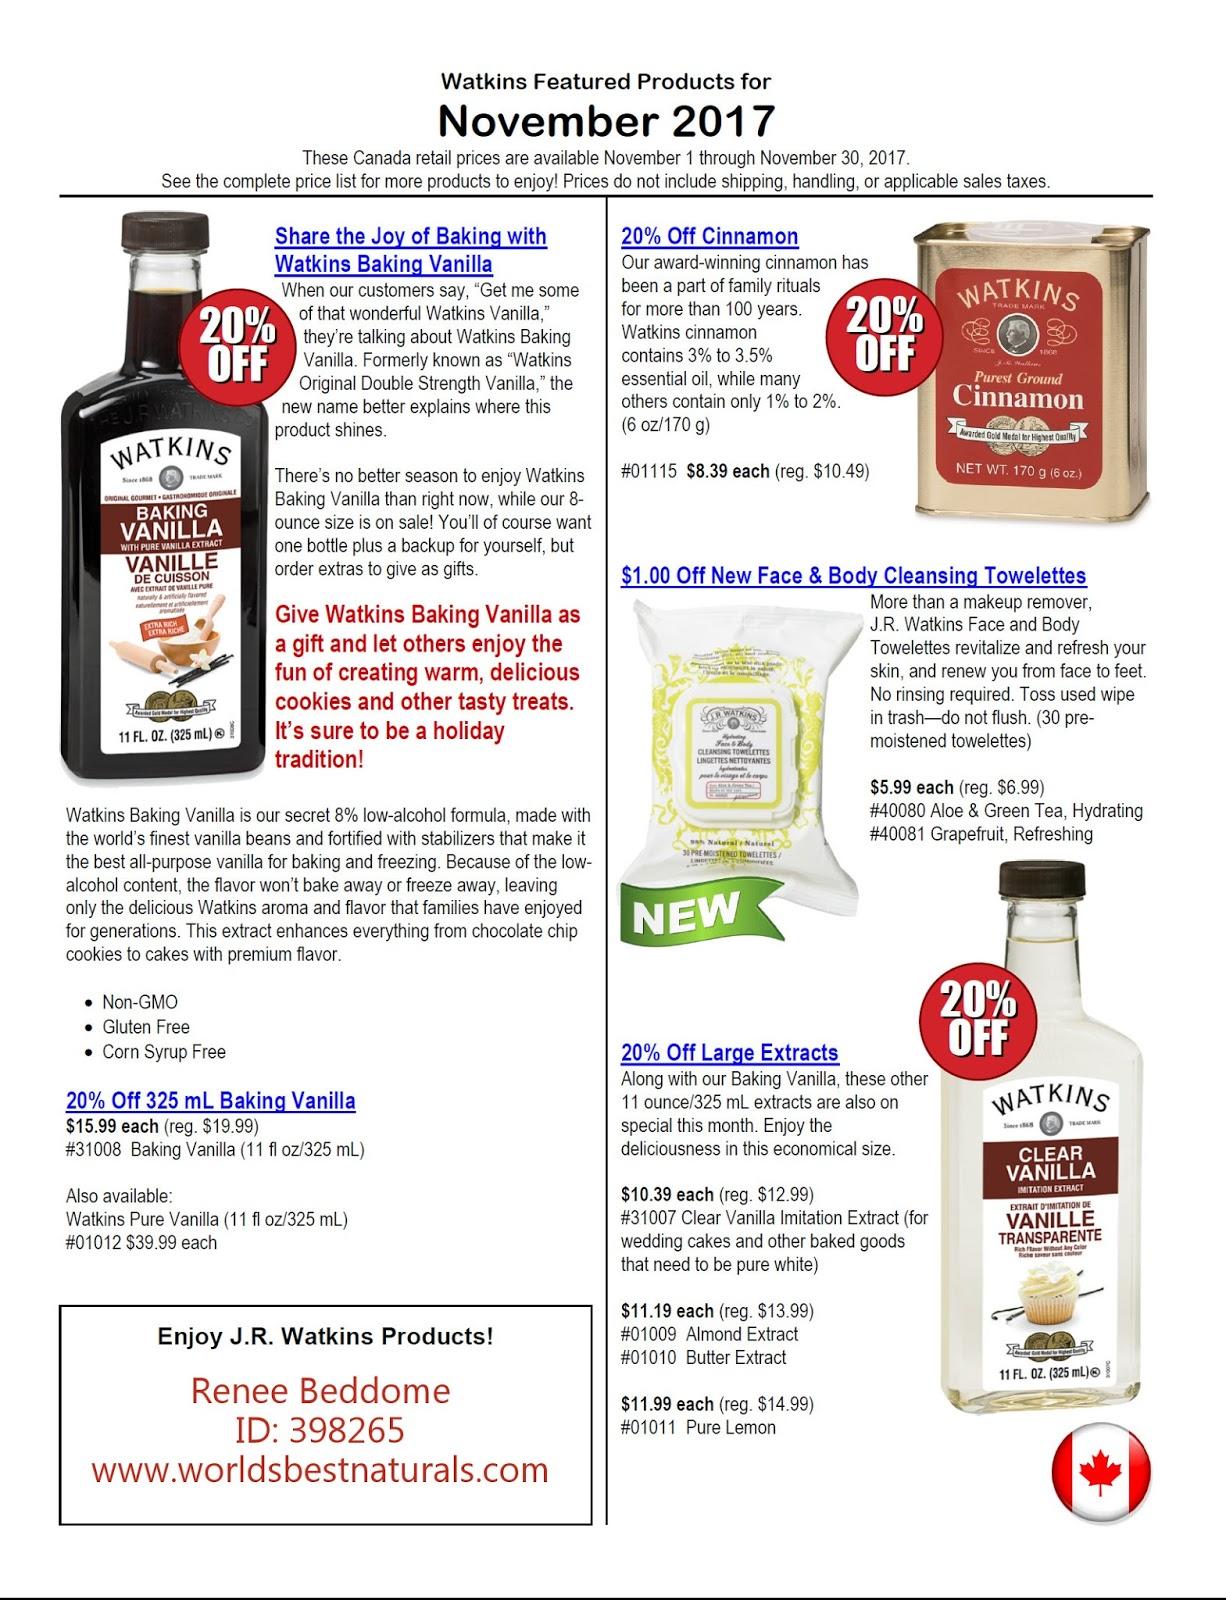 Buy Watkins Products Online - JR Watkins Manager - Renee